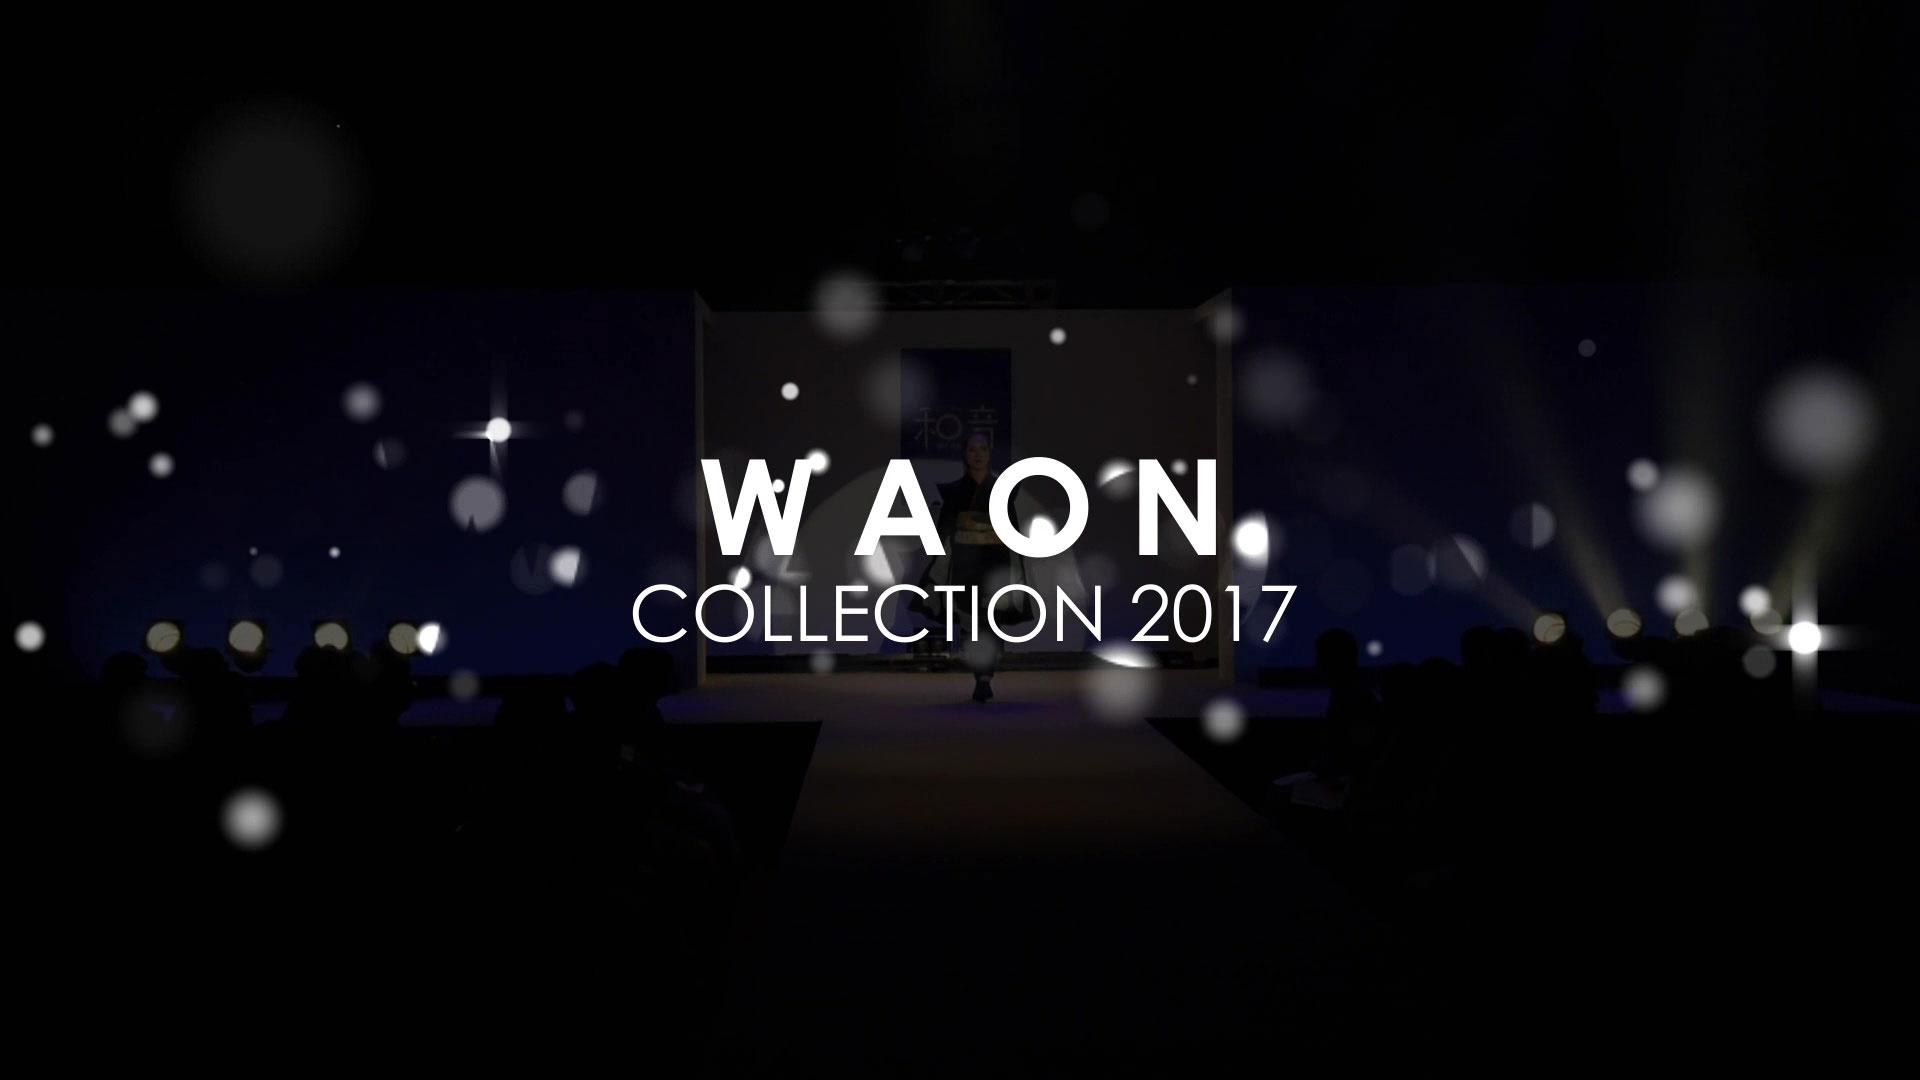 【SHOW】「和音 WAON」ファッションショー(2016/10min)